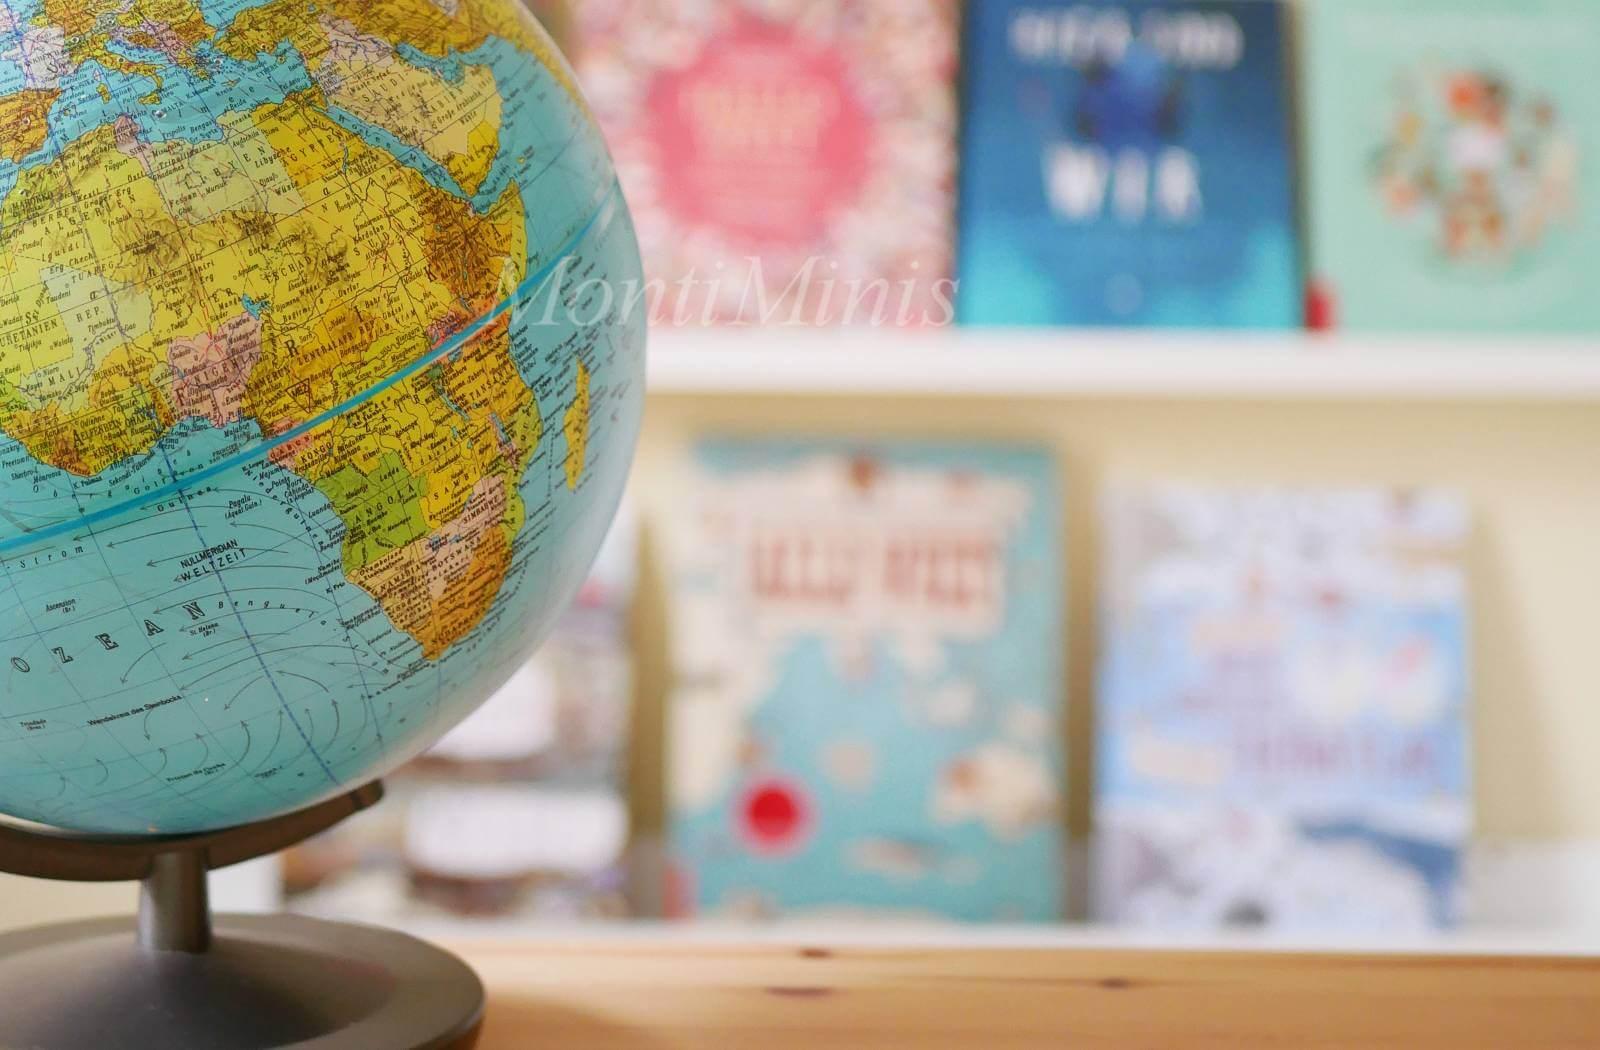 Mit Büchern um die Welt – Kulturen, Menschen und Tiere unserer Erde